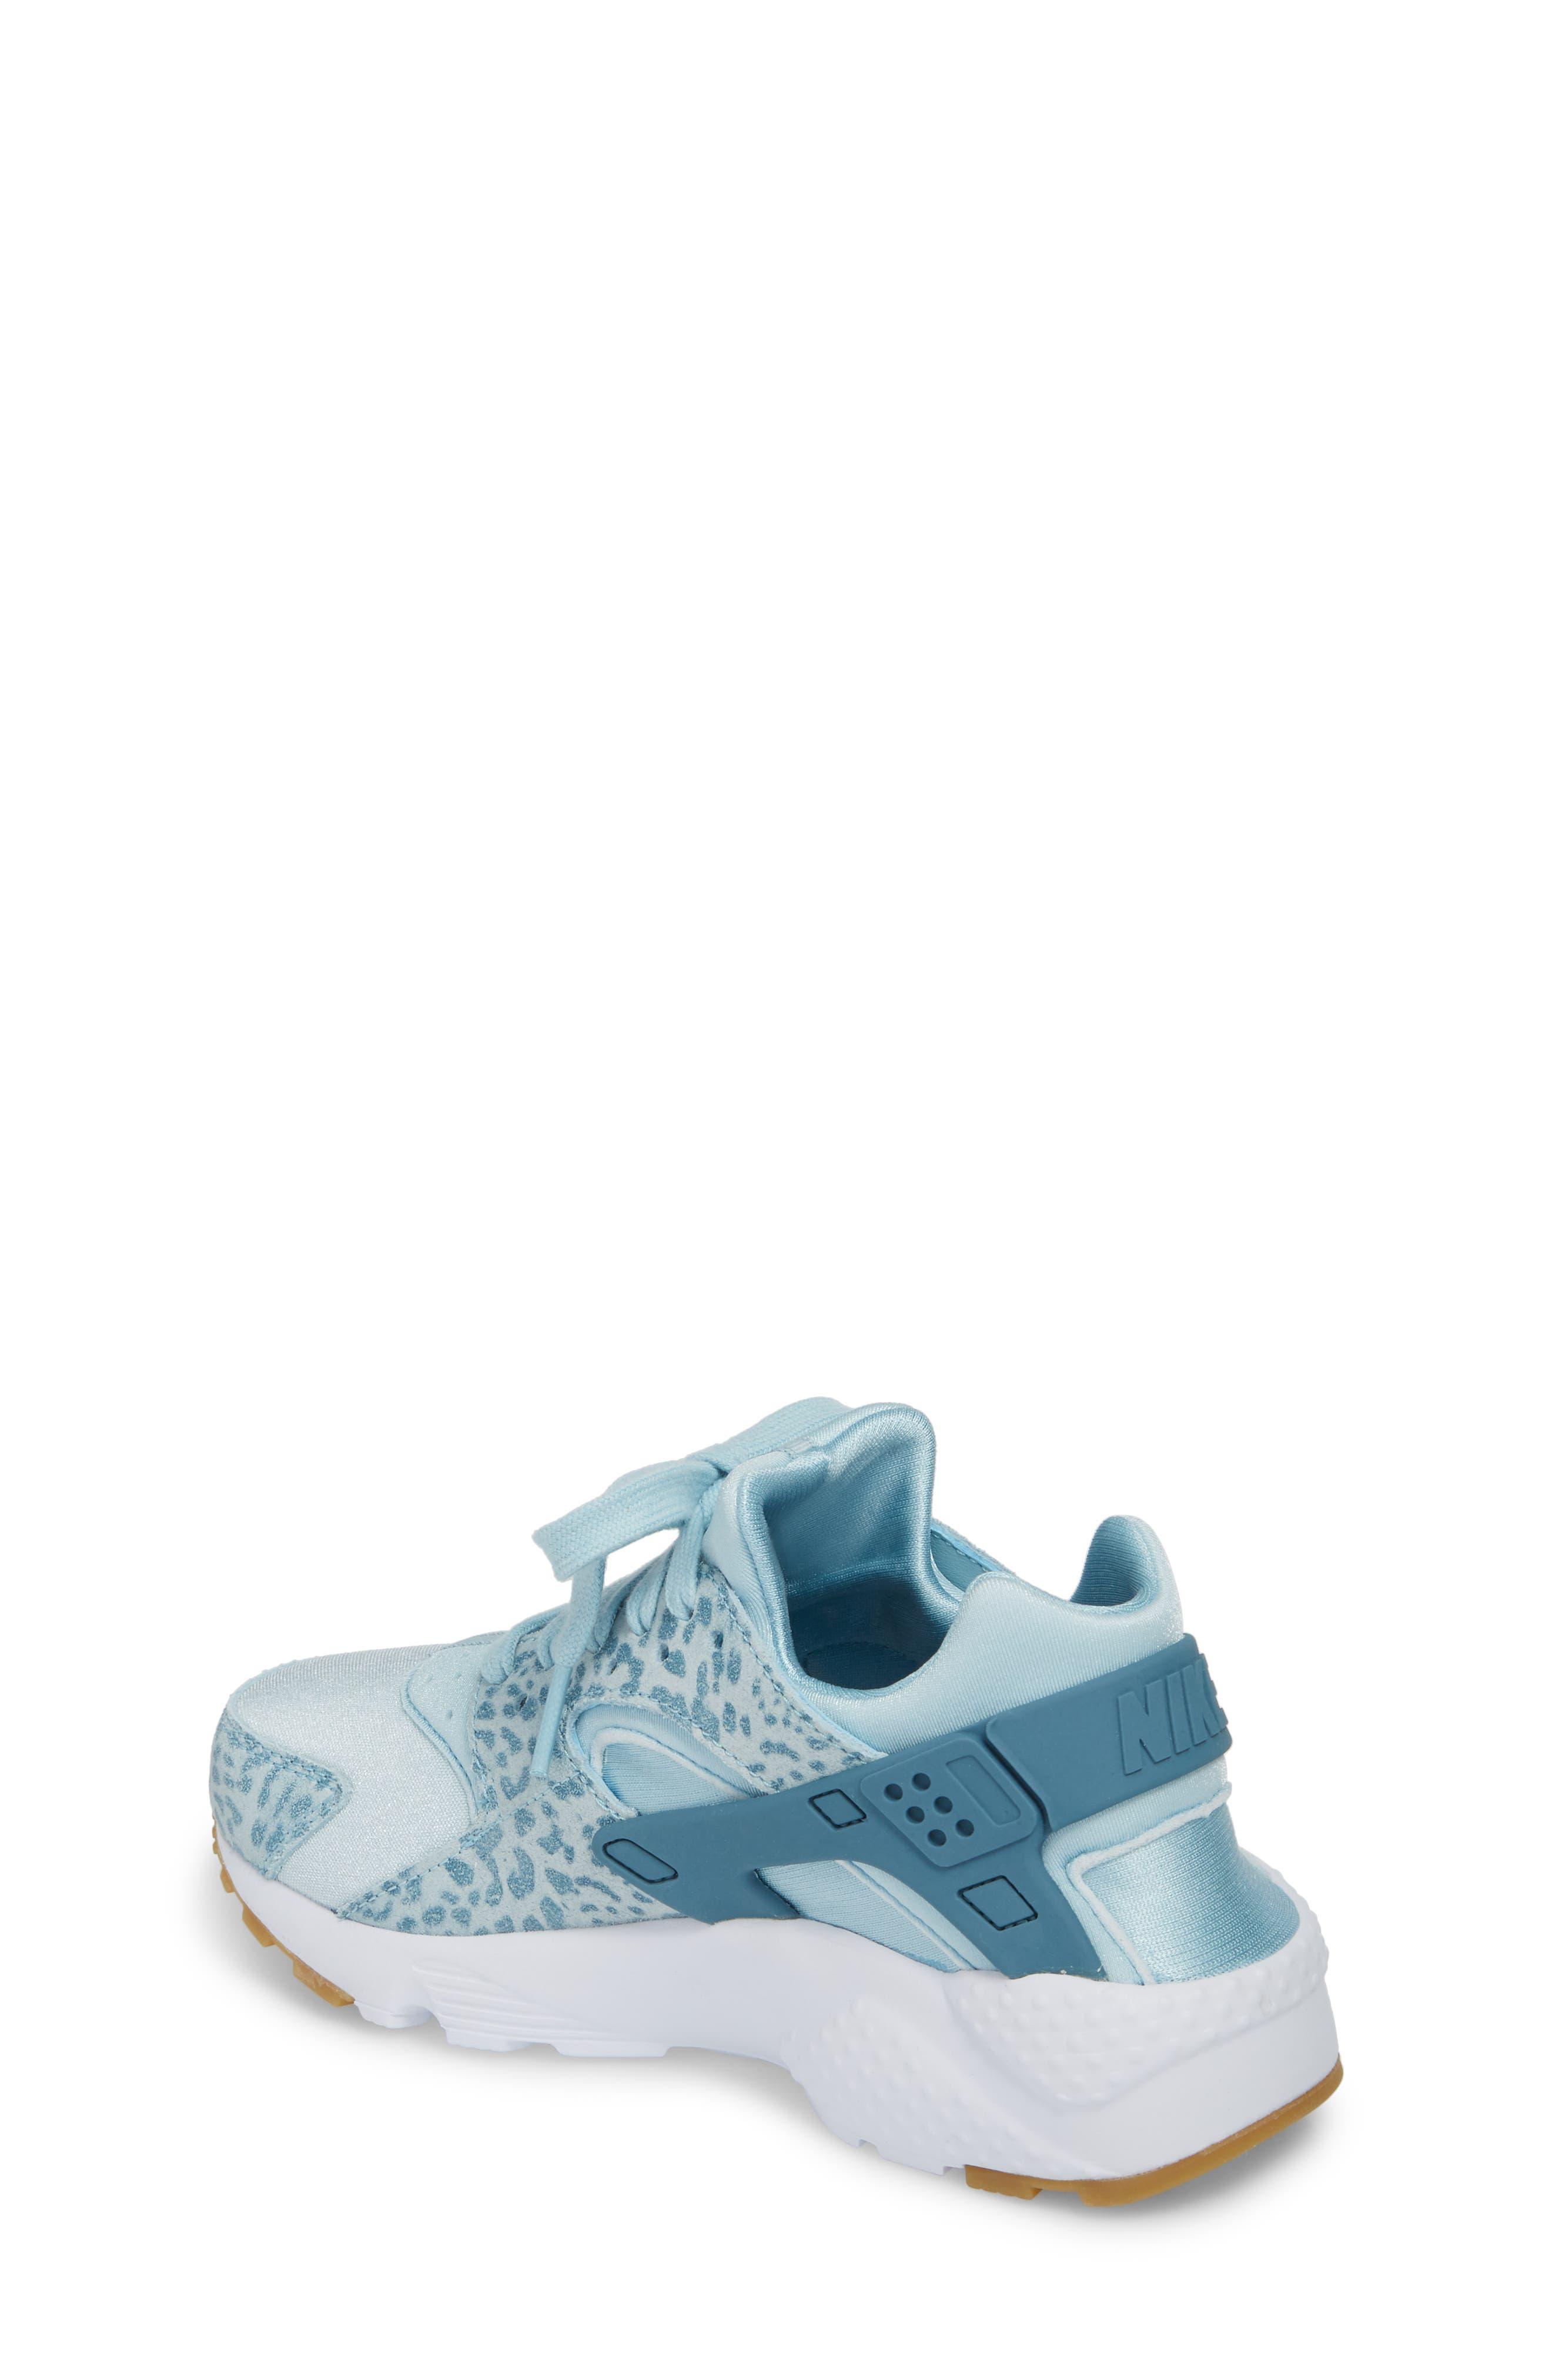 Huarache Run SE Sneaker,                             Alternate thumbnail 8, color,